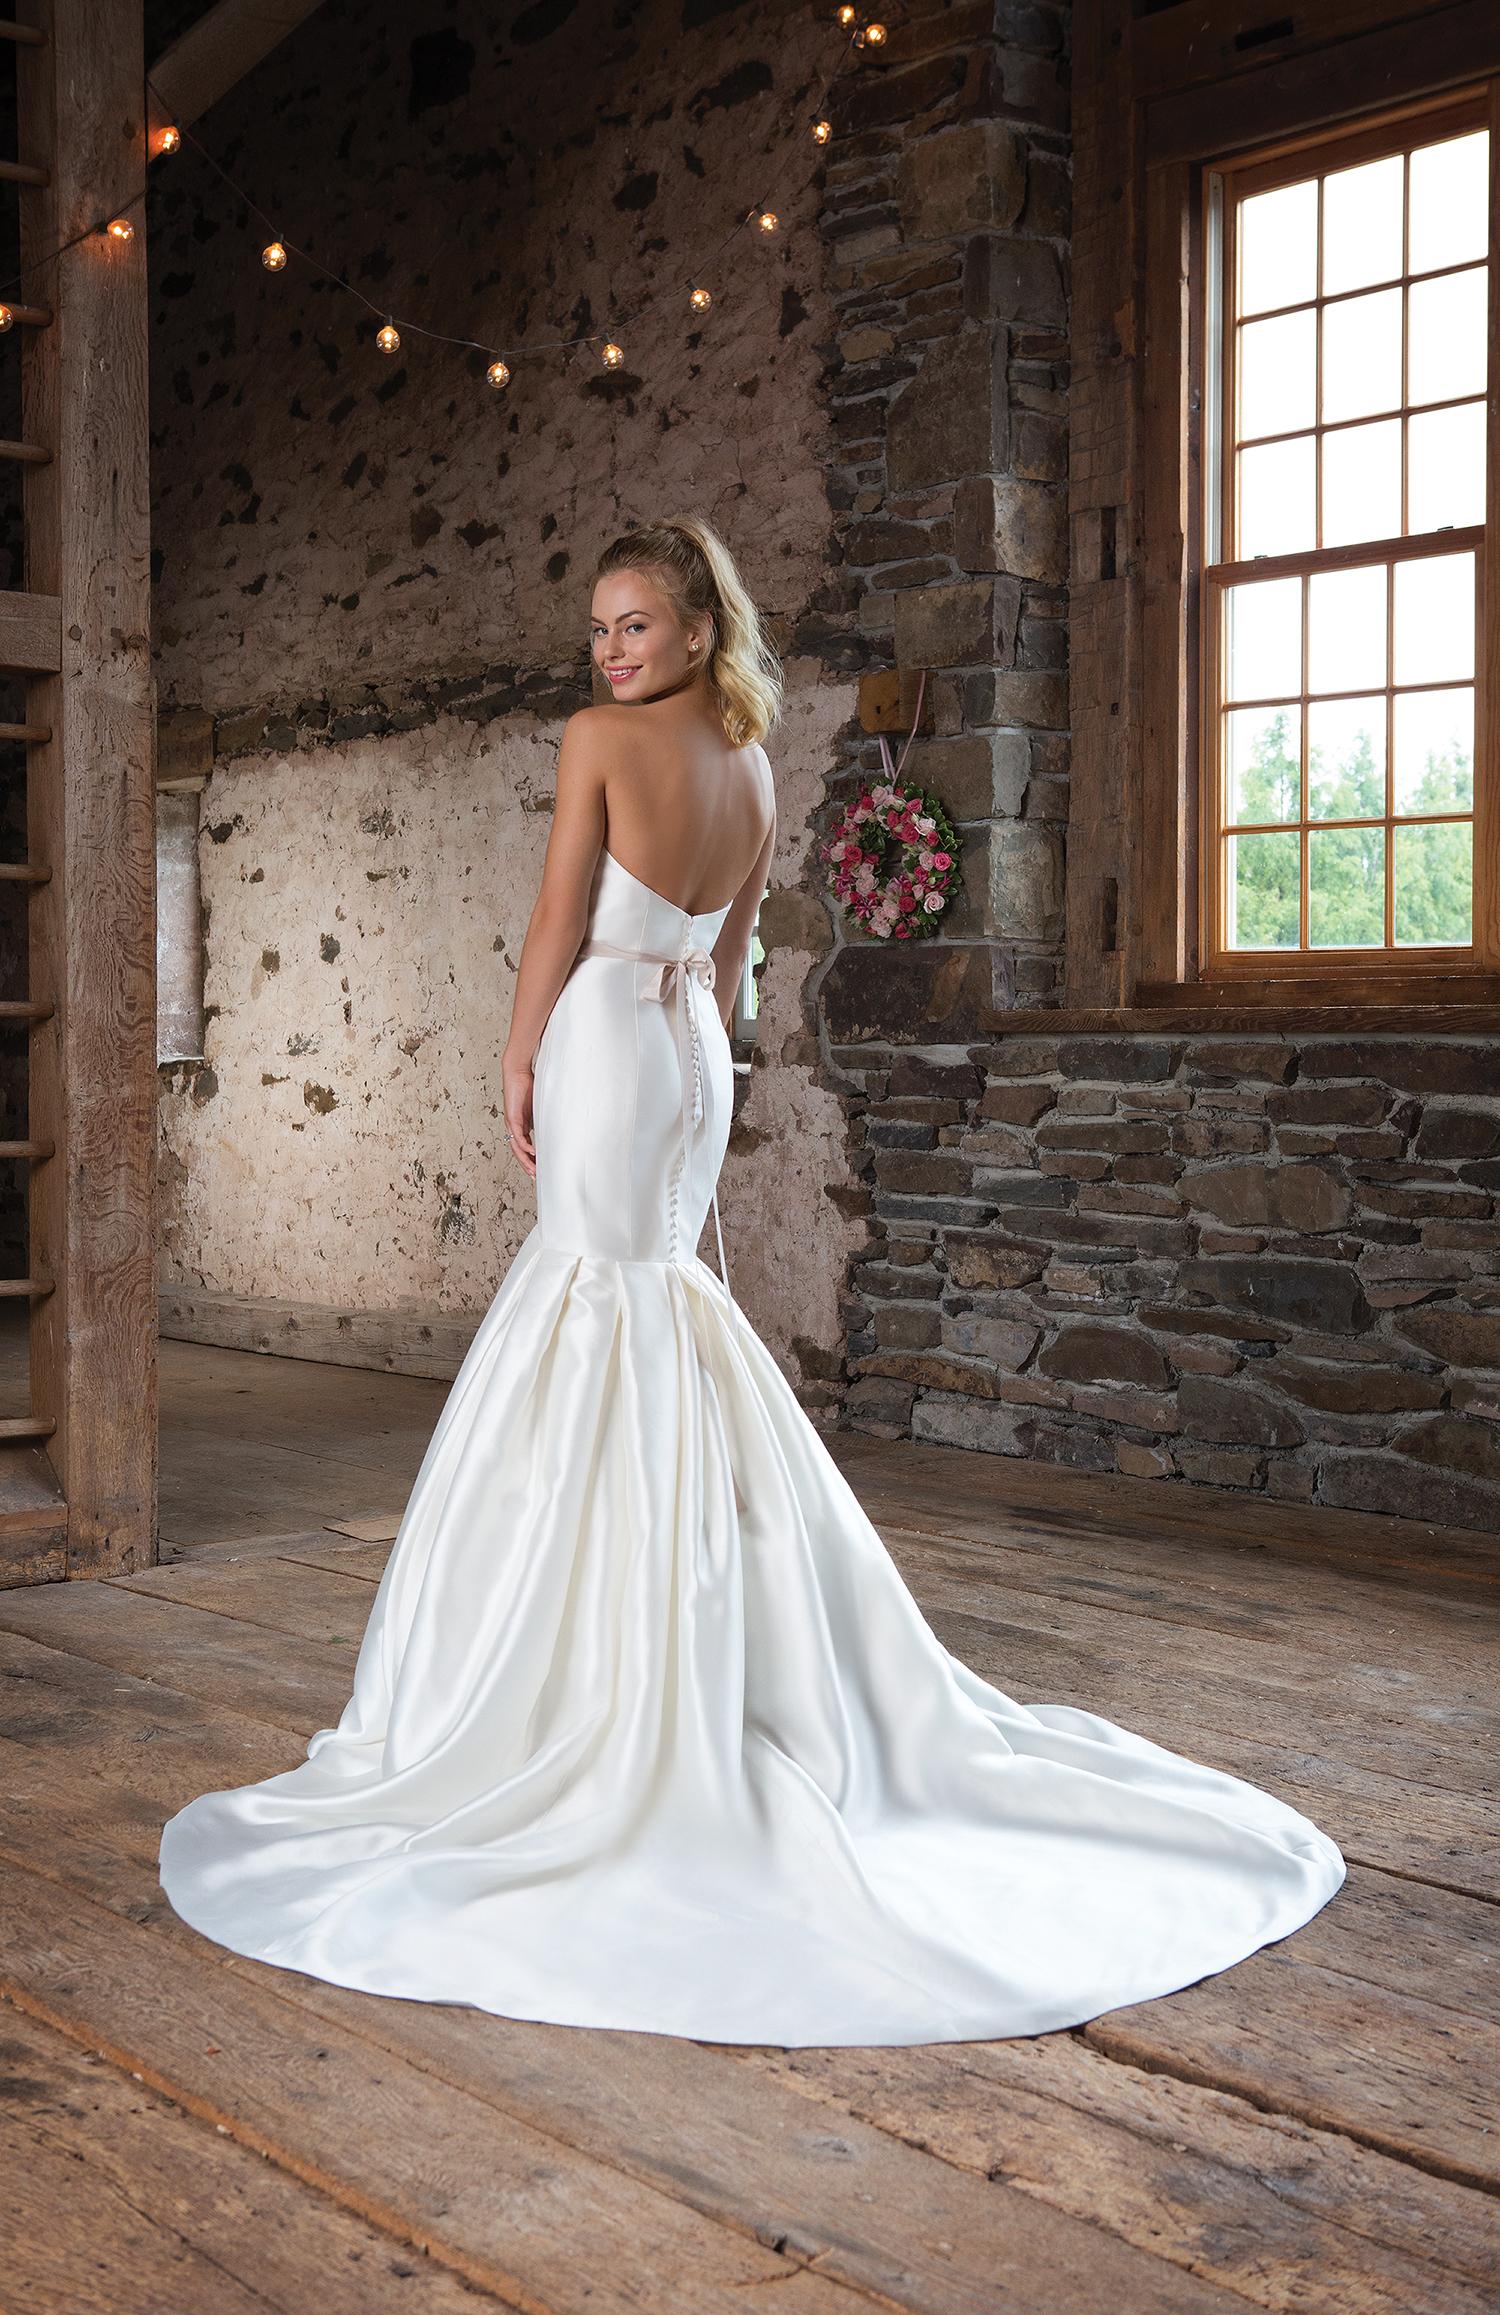 Berühmt Winter Themen Brautkleider Fotos - Hochzeit Kleid Stile ...